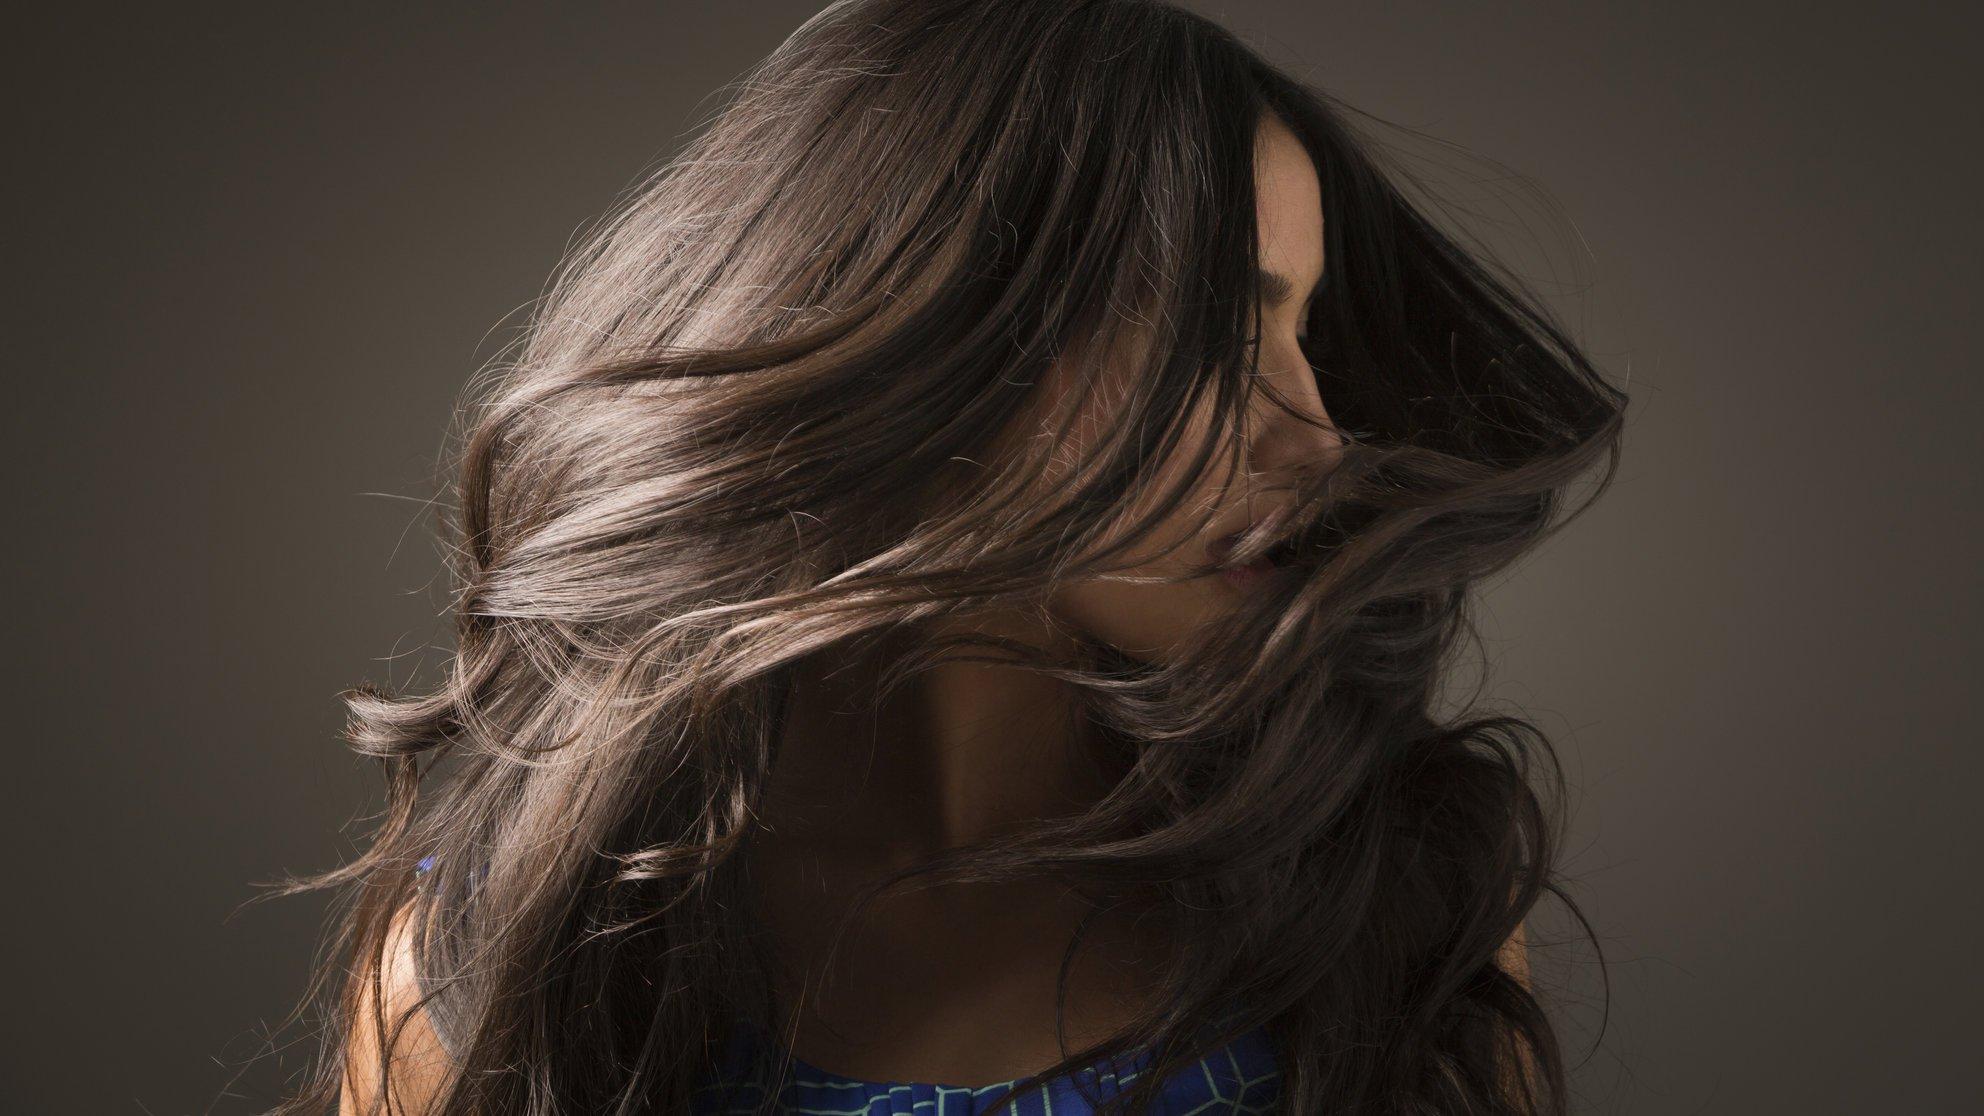 كيفية علاج قشرة الشعر الجاف